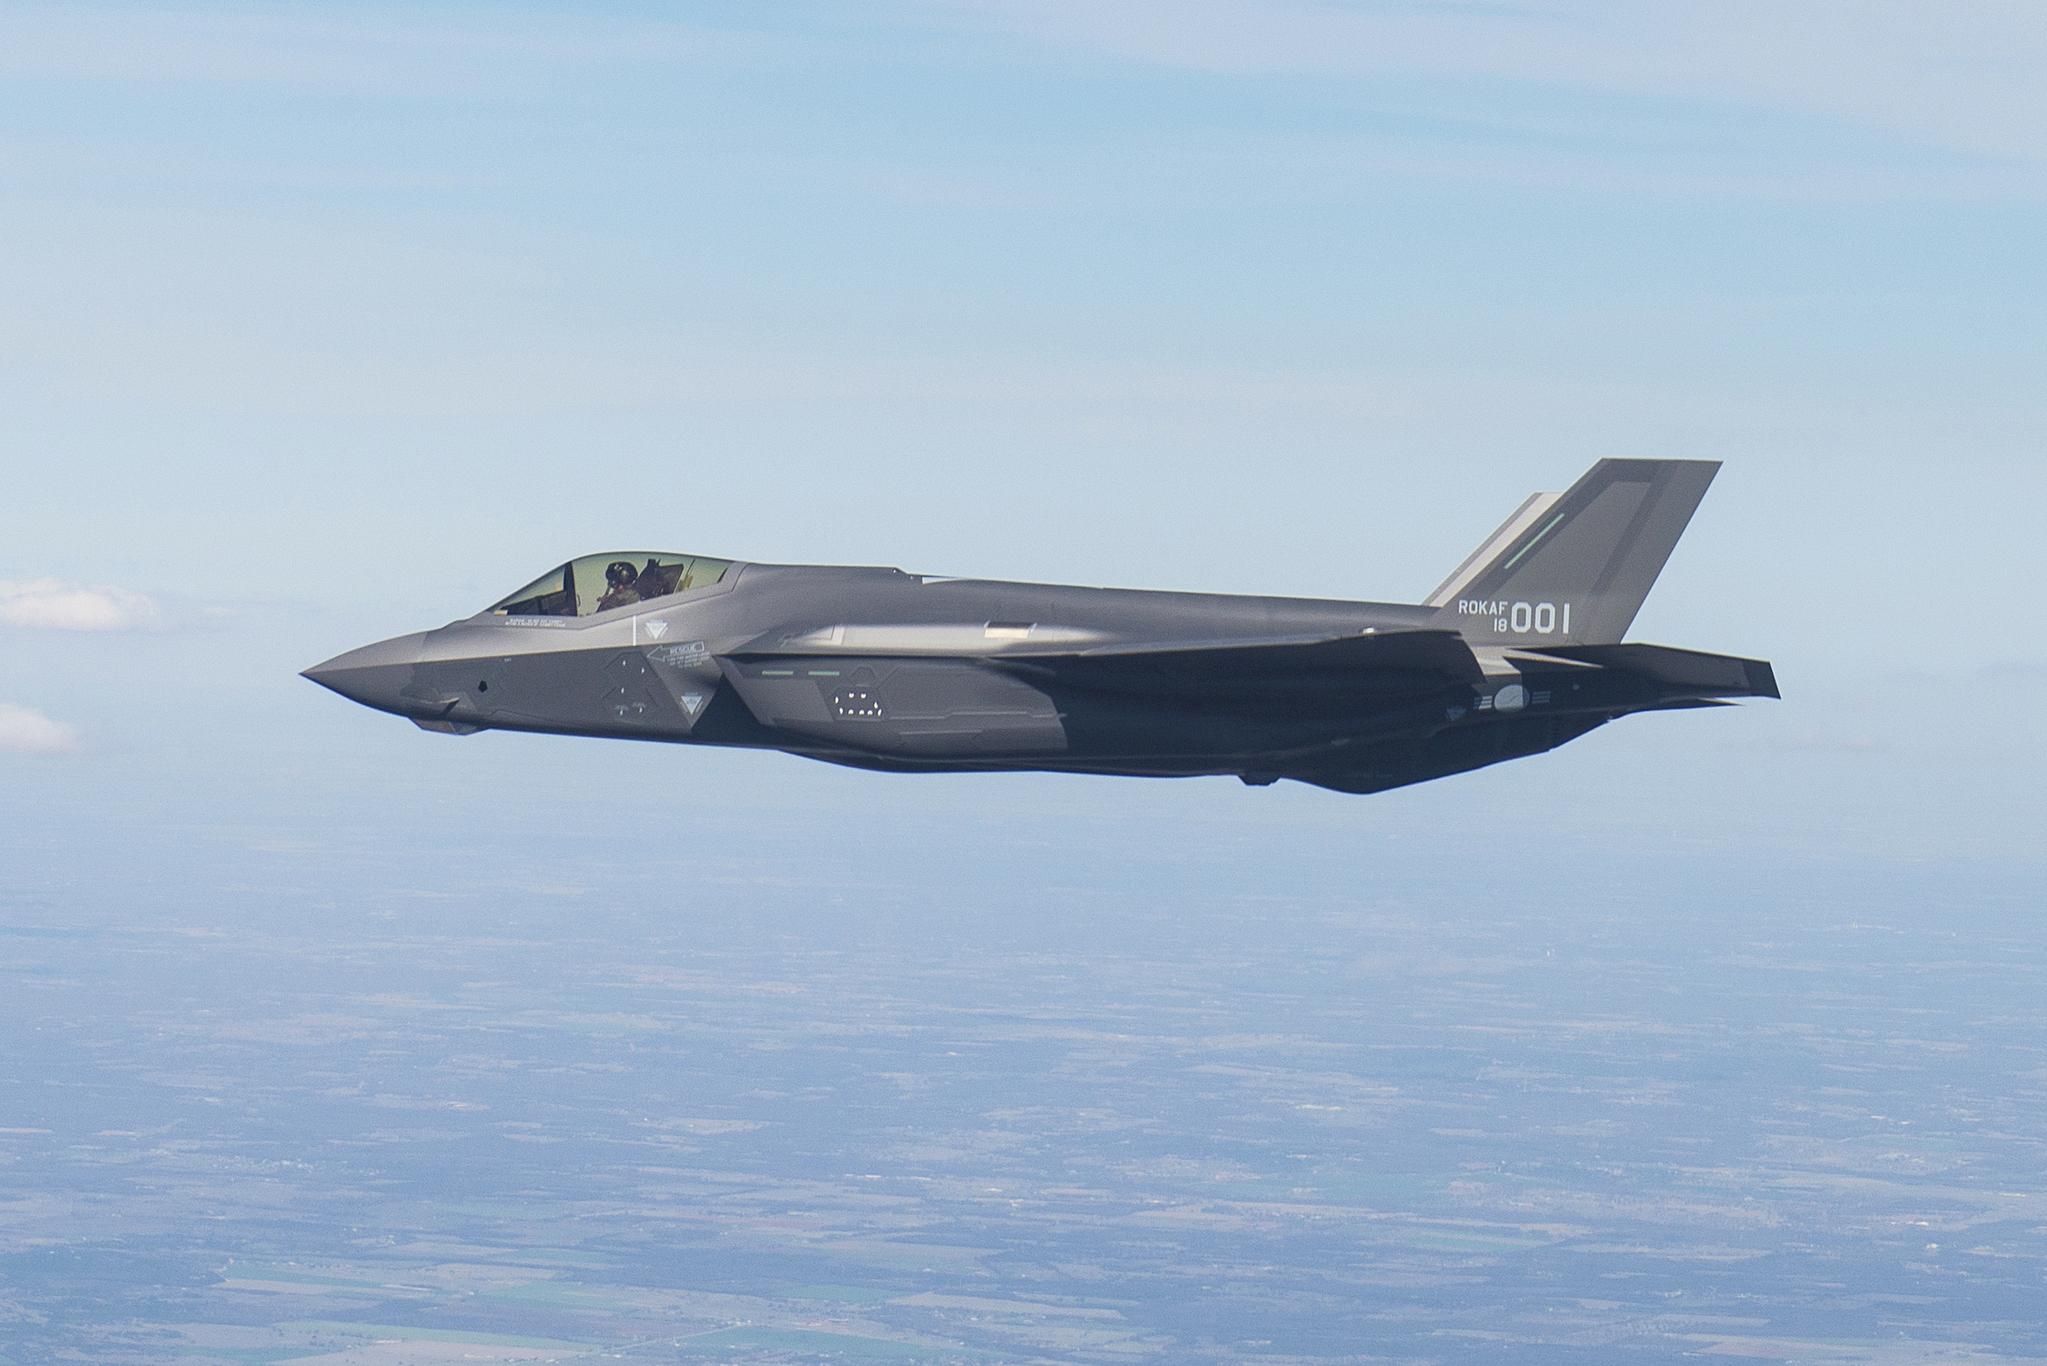 한공군의 F-35A 1호기가 지난해 3월 미국 텍사스주 포트워스 록히드마틴사 최종 조립공장에서 열린 출고행사에서 시험비행하고 있다. [사진 방위산업청]